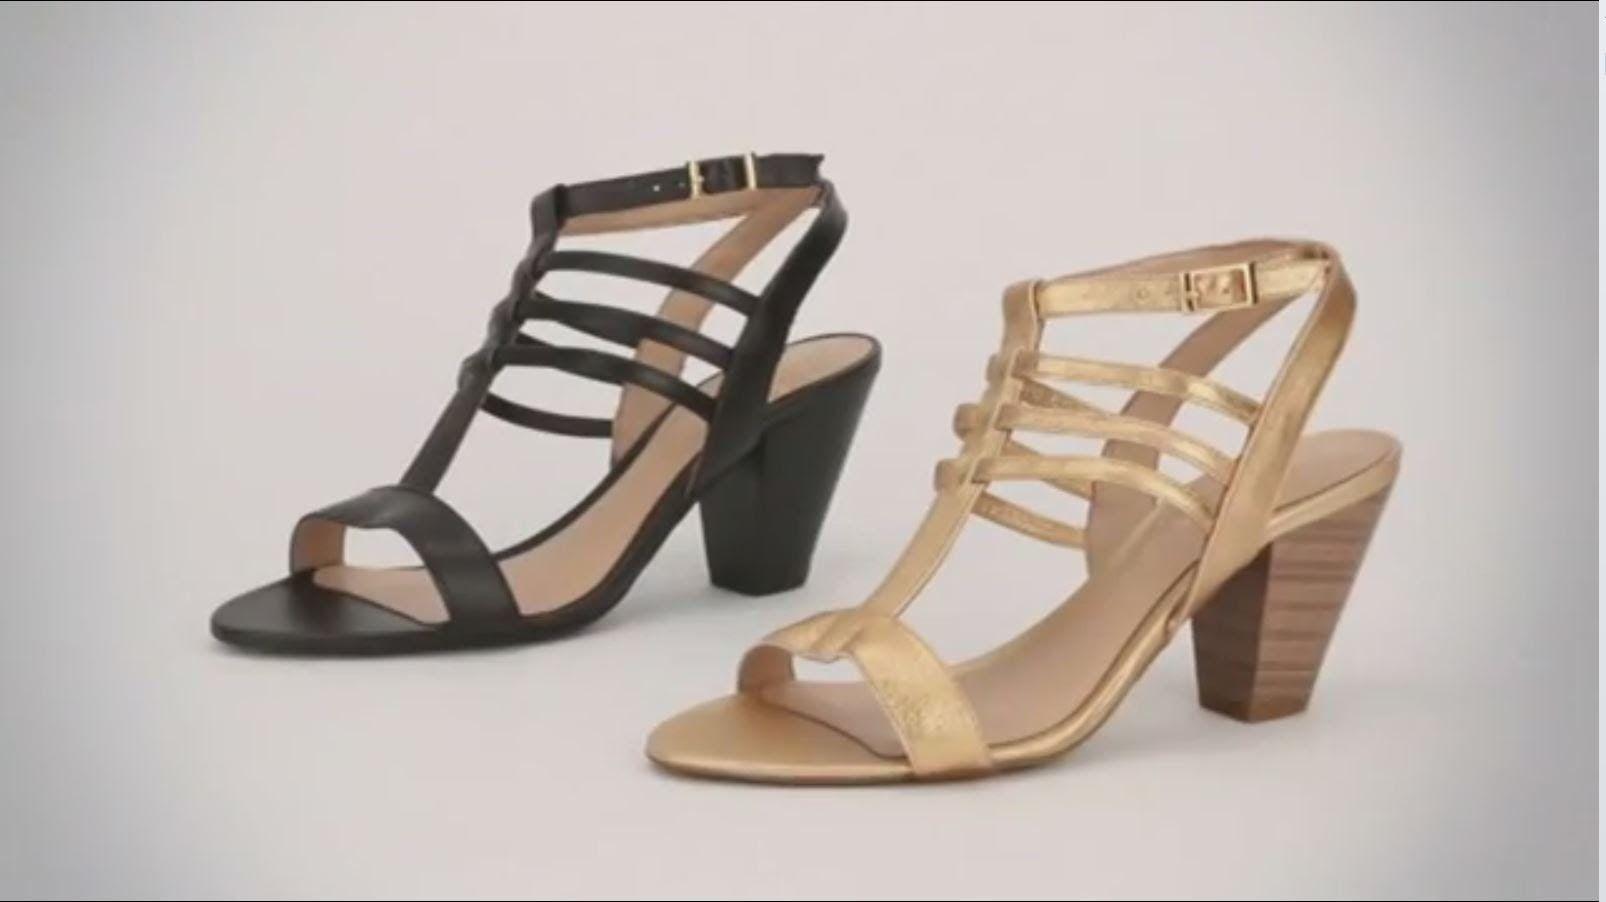 MODELOS DE ZAPATOS BRASILEROS | Modelos de zapatos, Zapatos